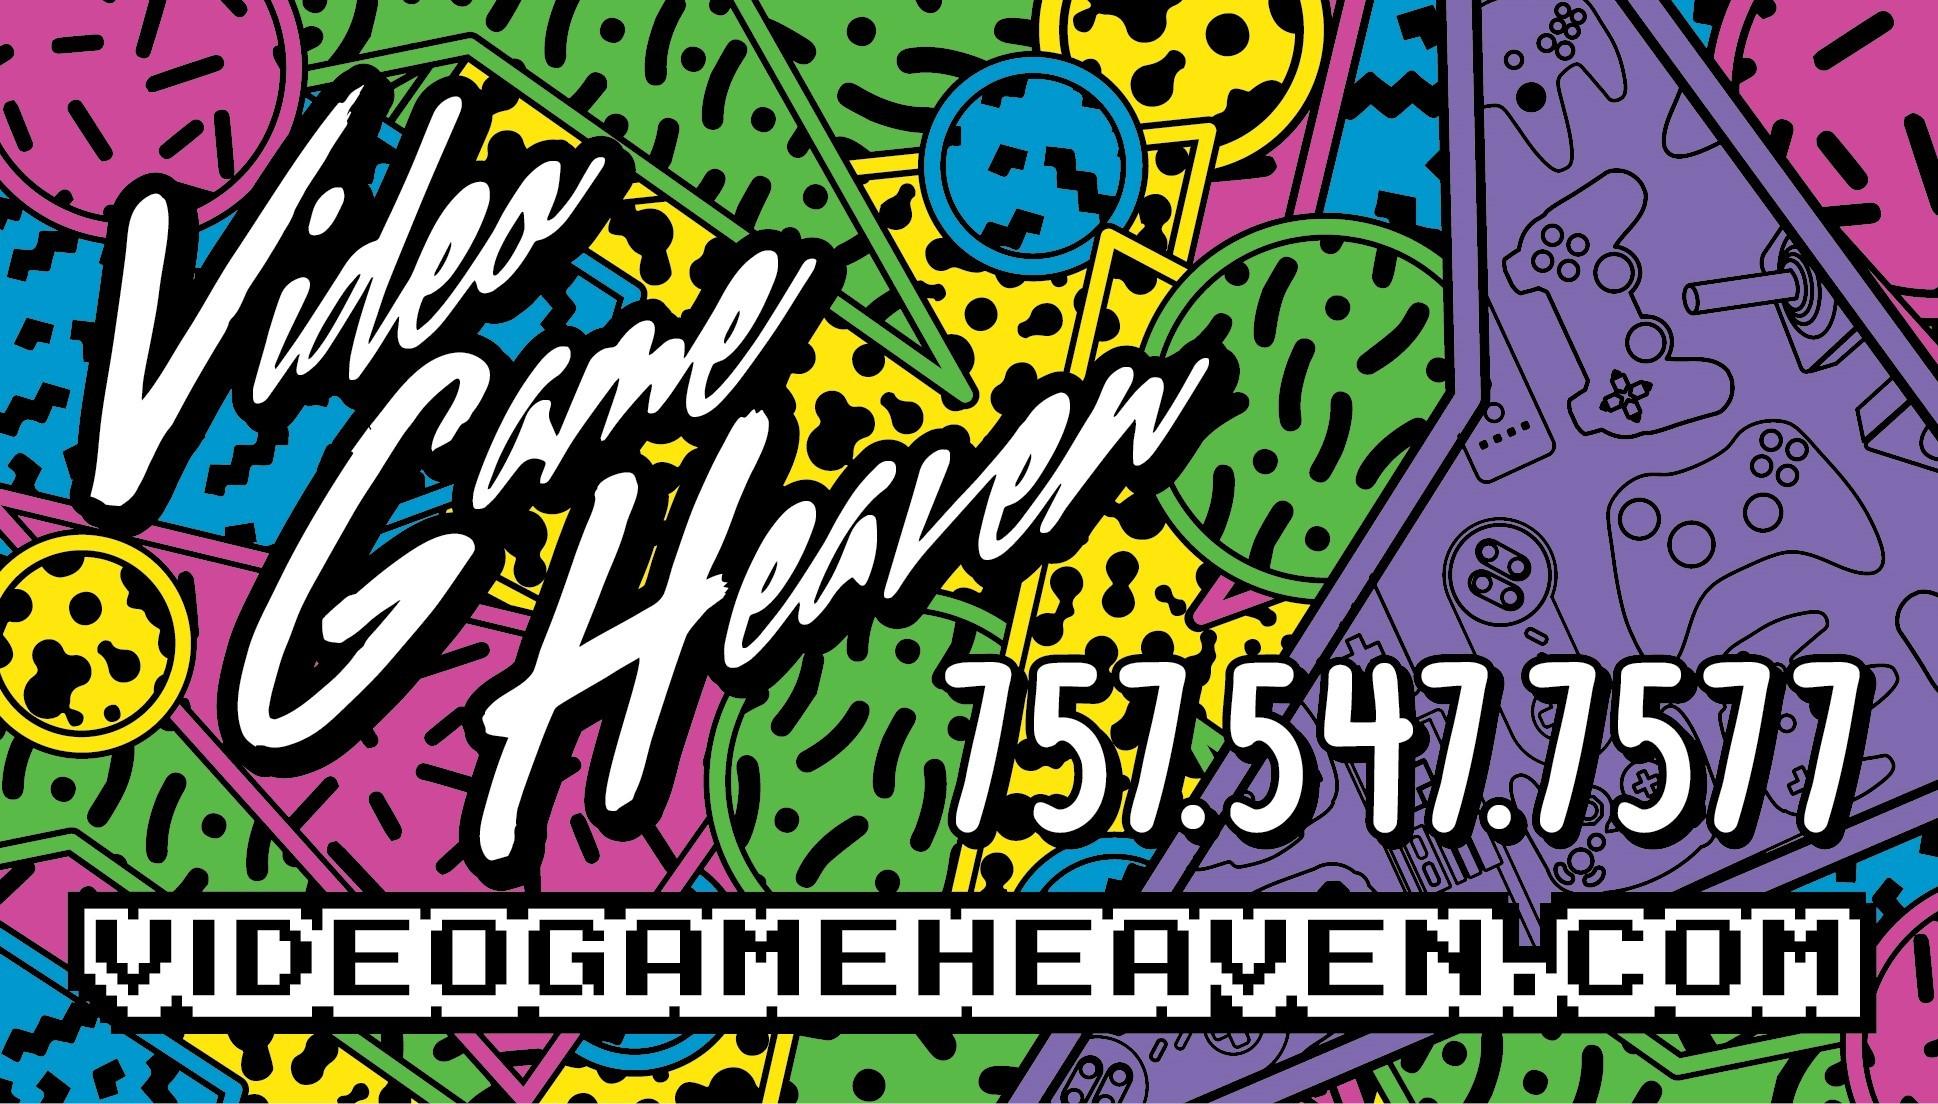 Video Game Heaven Inc | LinkedIn